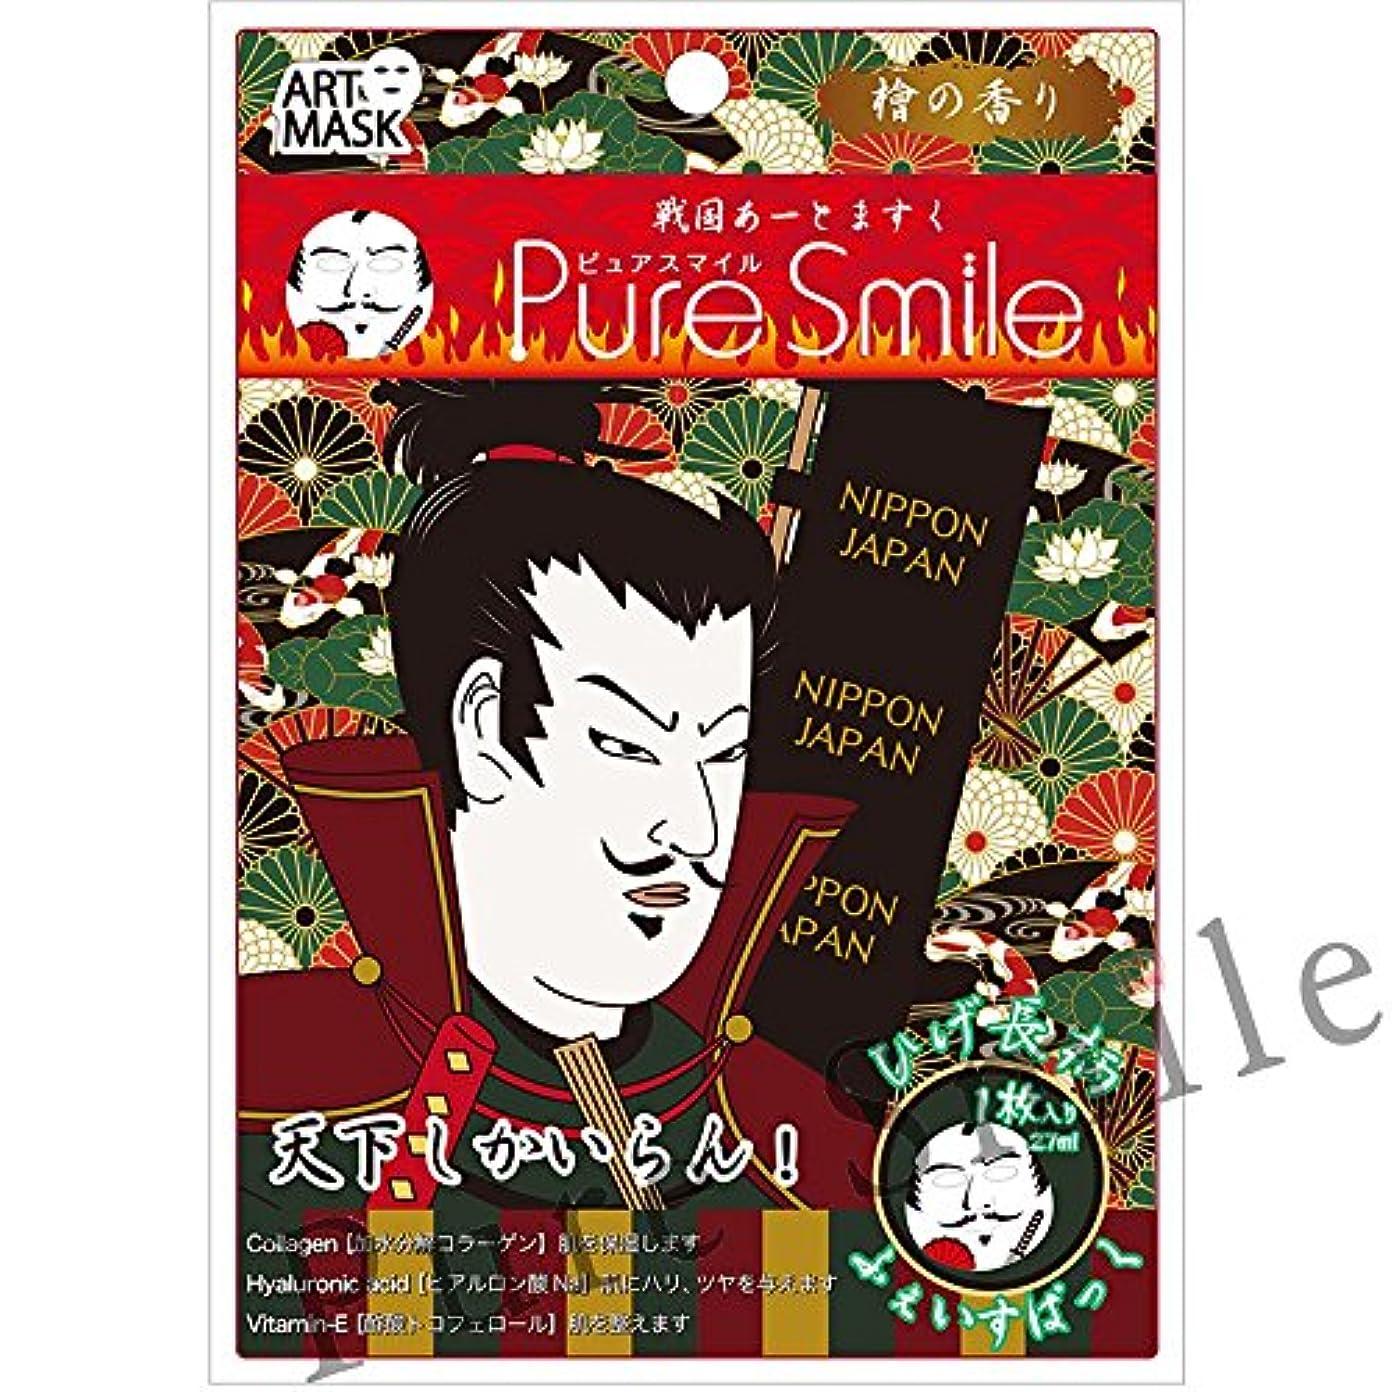 道に迷いました溶けた健康Pure Smile(ピュアスマイル) フェイスマスク/アートマスク『戦国アートマスク』(ひげ長/檜の香り)